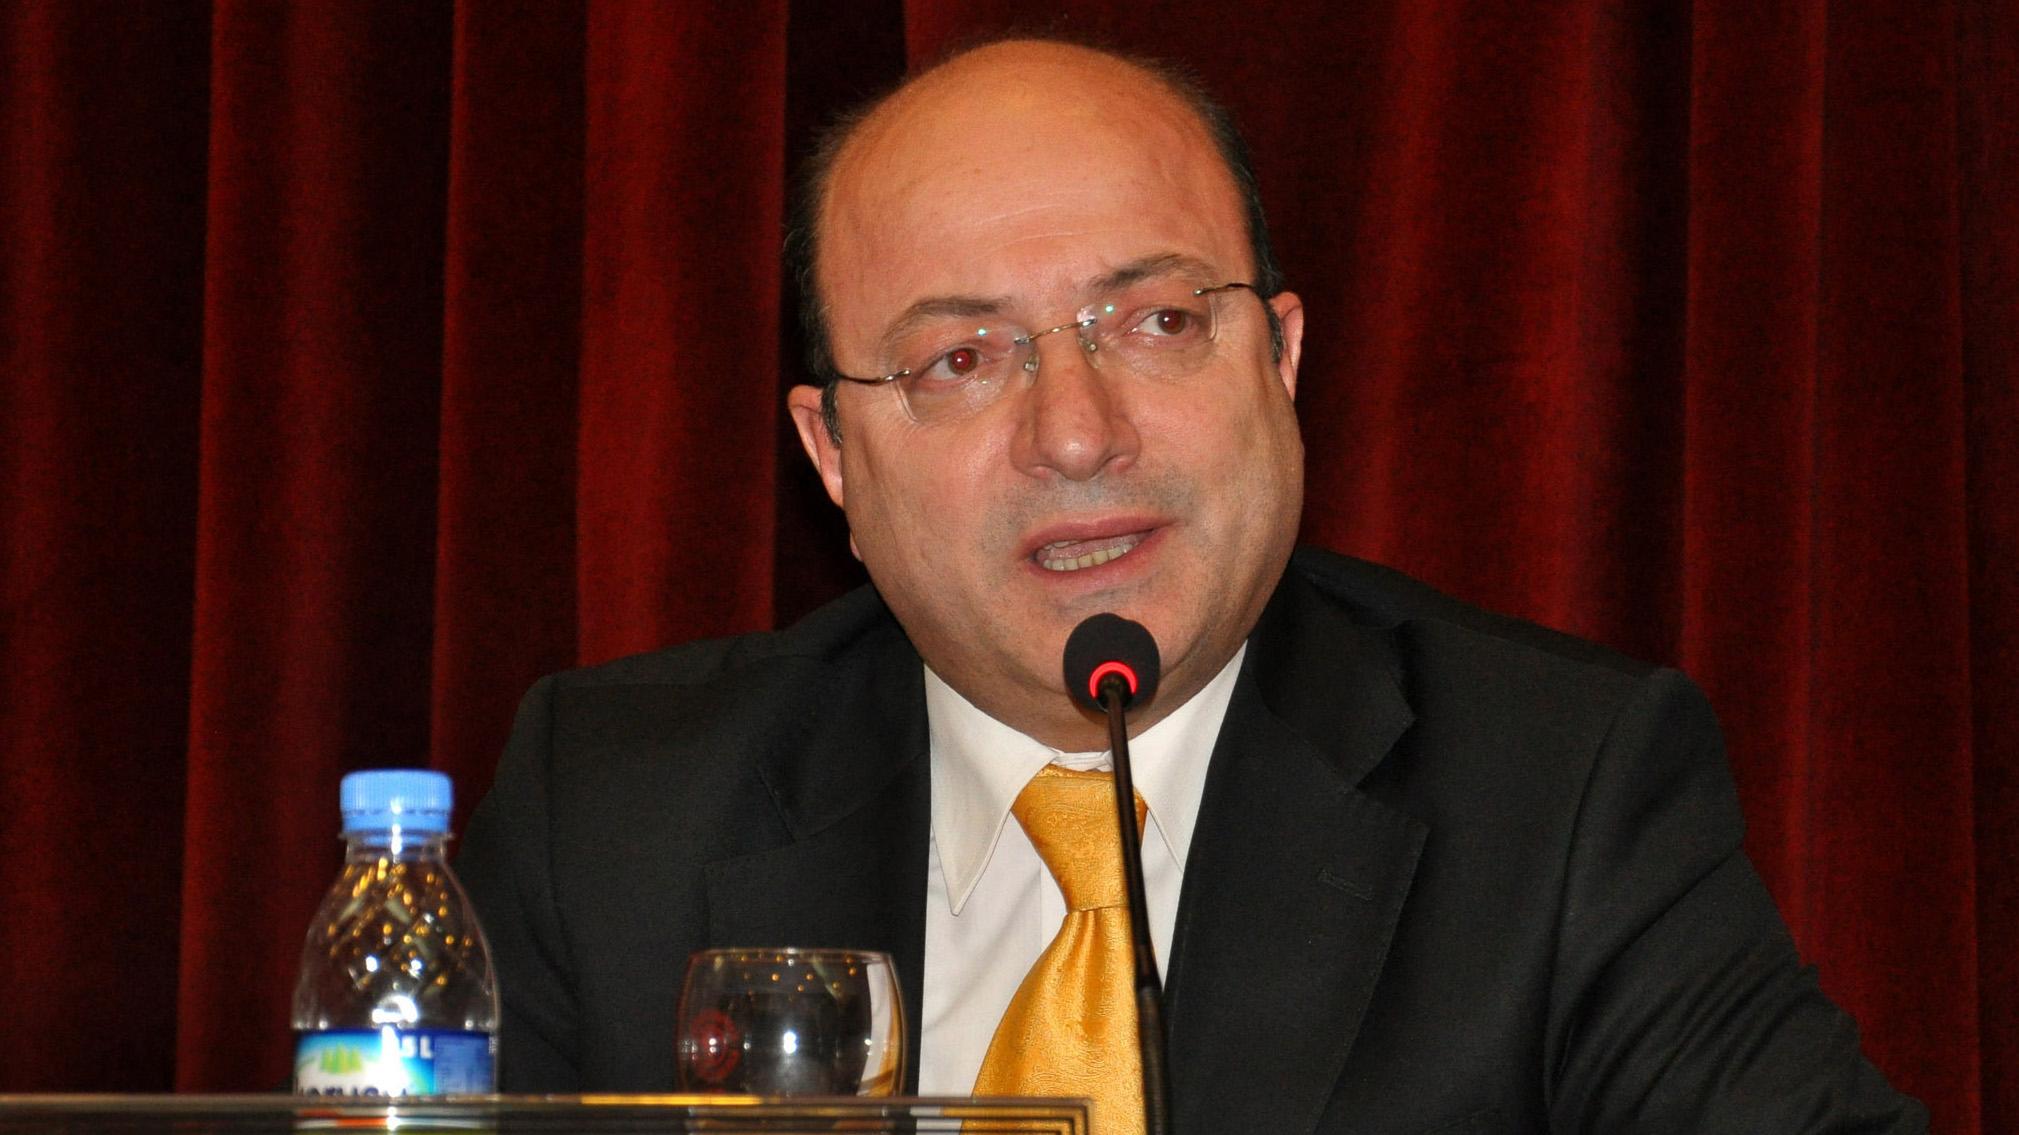 CHP'li Cihaner'den Kılıçdaroğlu'na 'Hüseyin Avni Mutlu' tepkisi